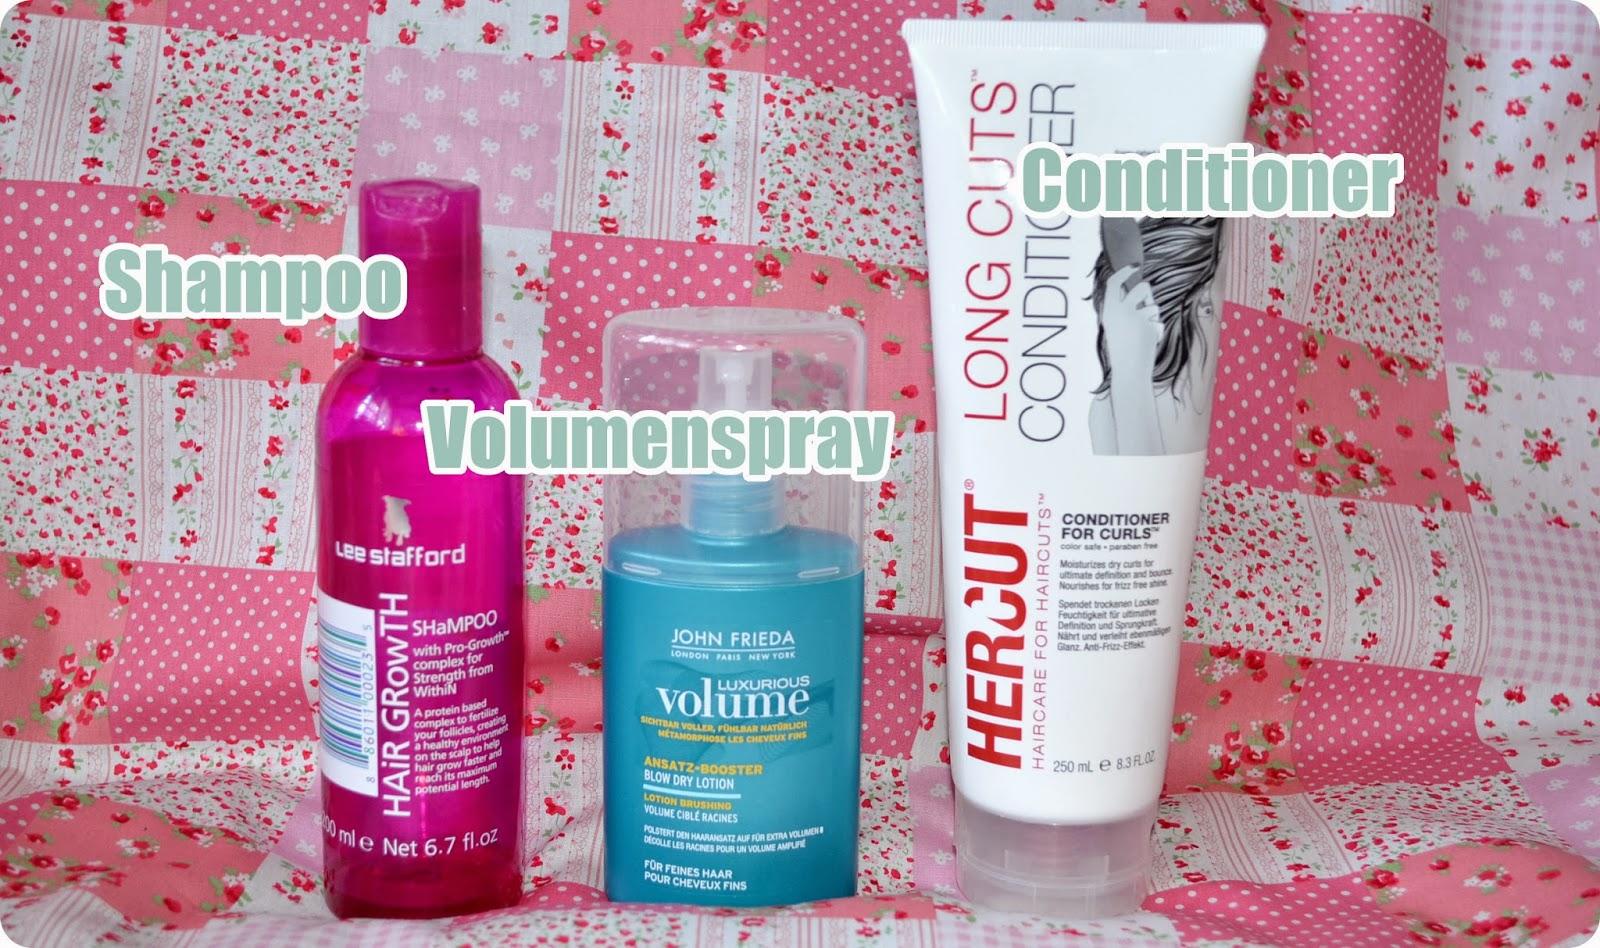 Aufgebraucht im November & Dezember  2013 - Haarpflege